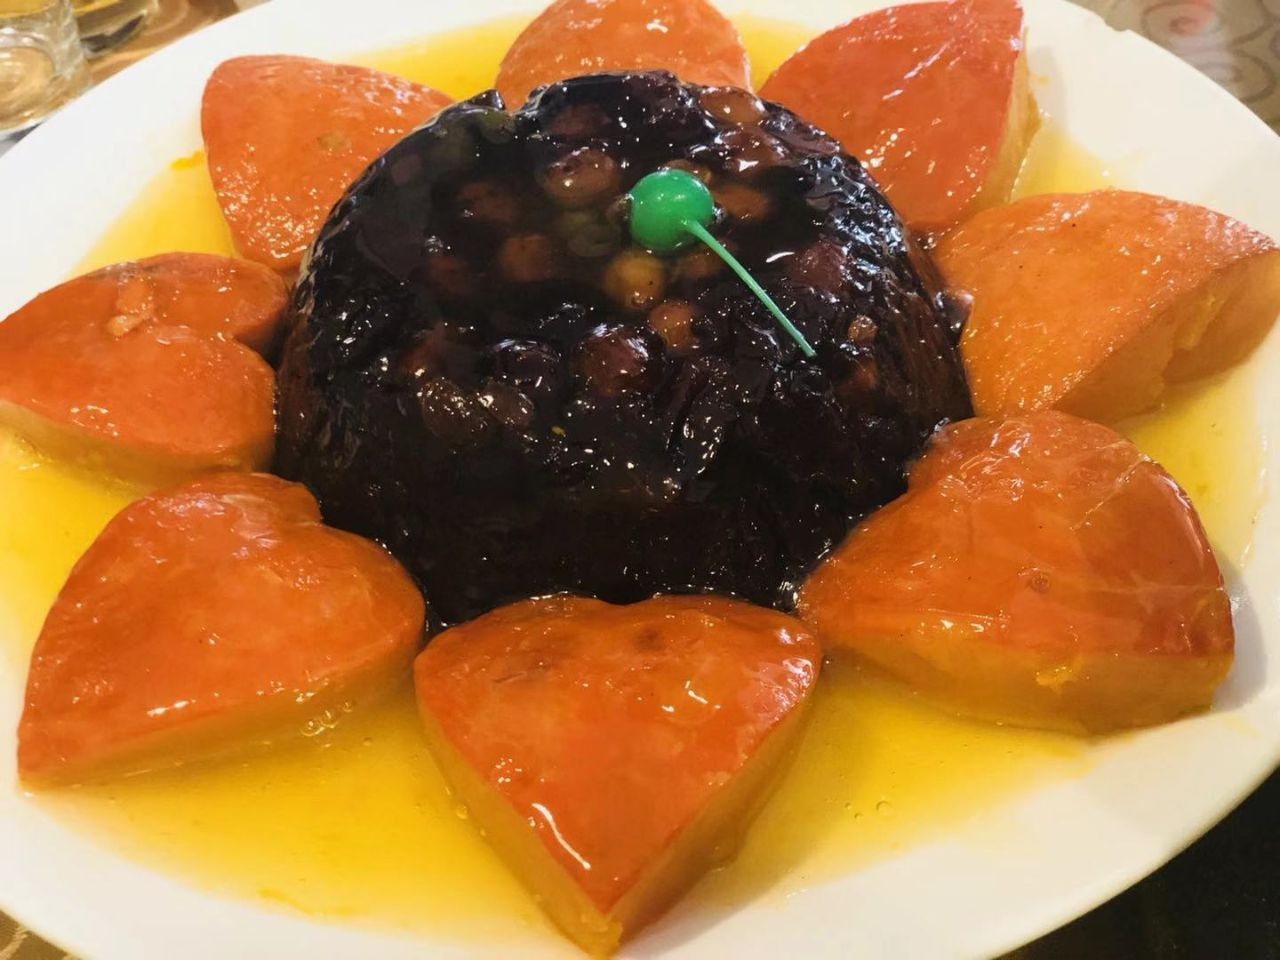 超嗨超美味 首届黄辣丁养生宴品鉴交流会来袭